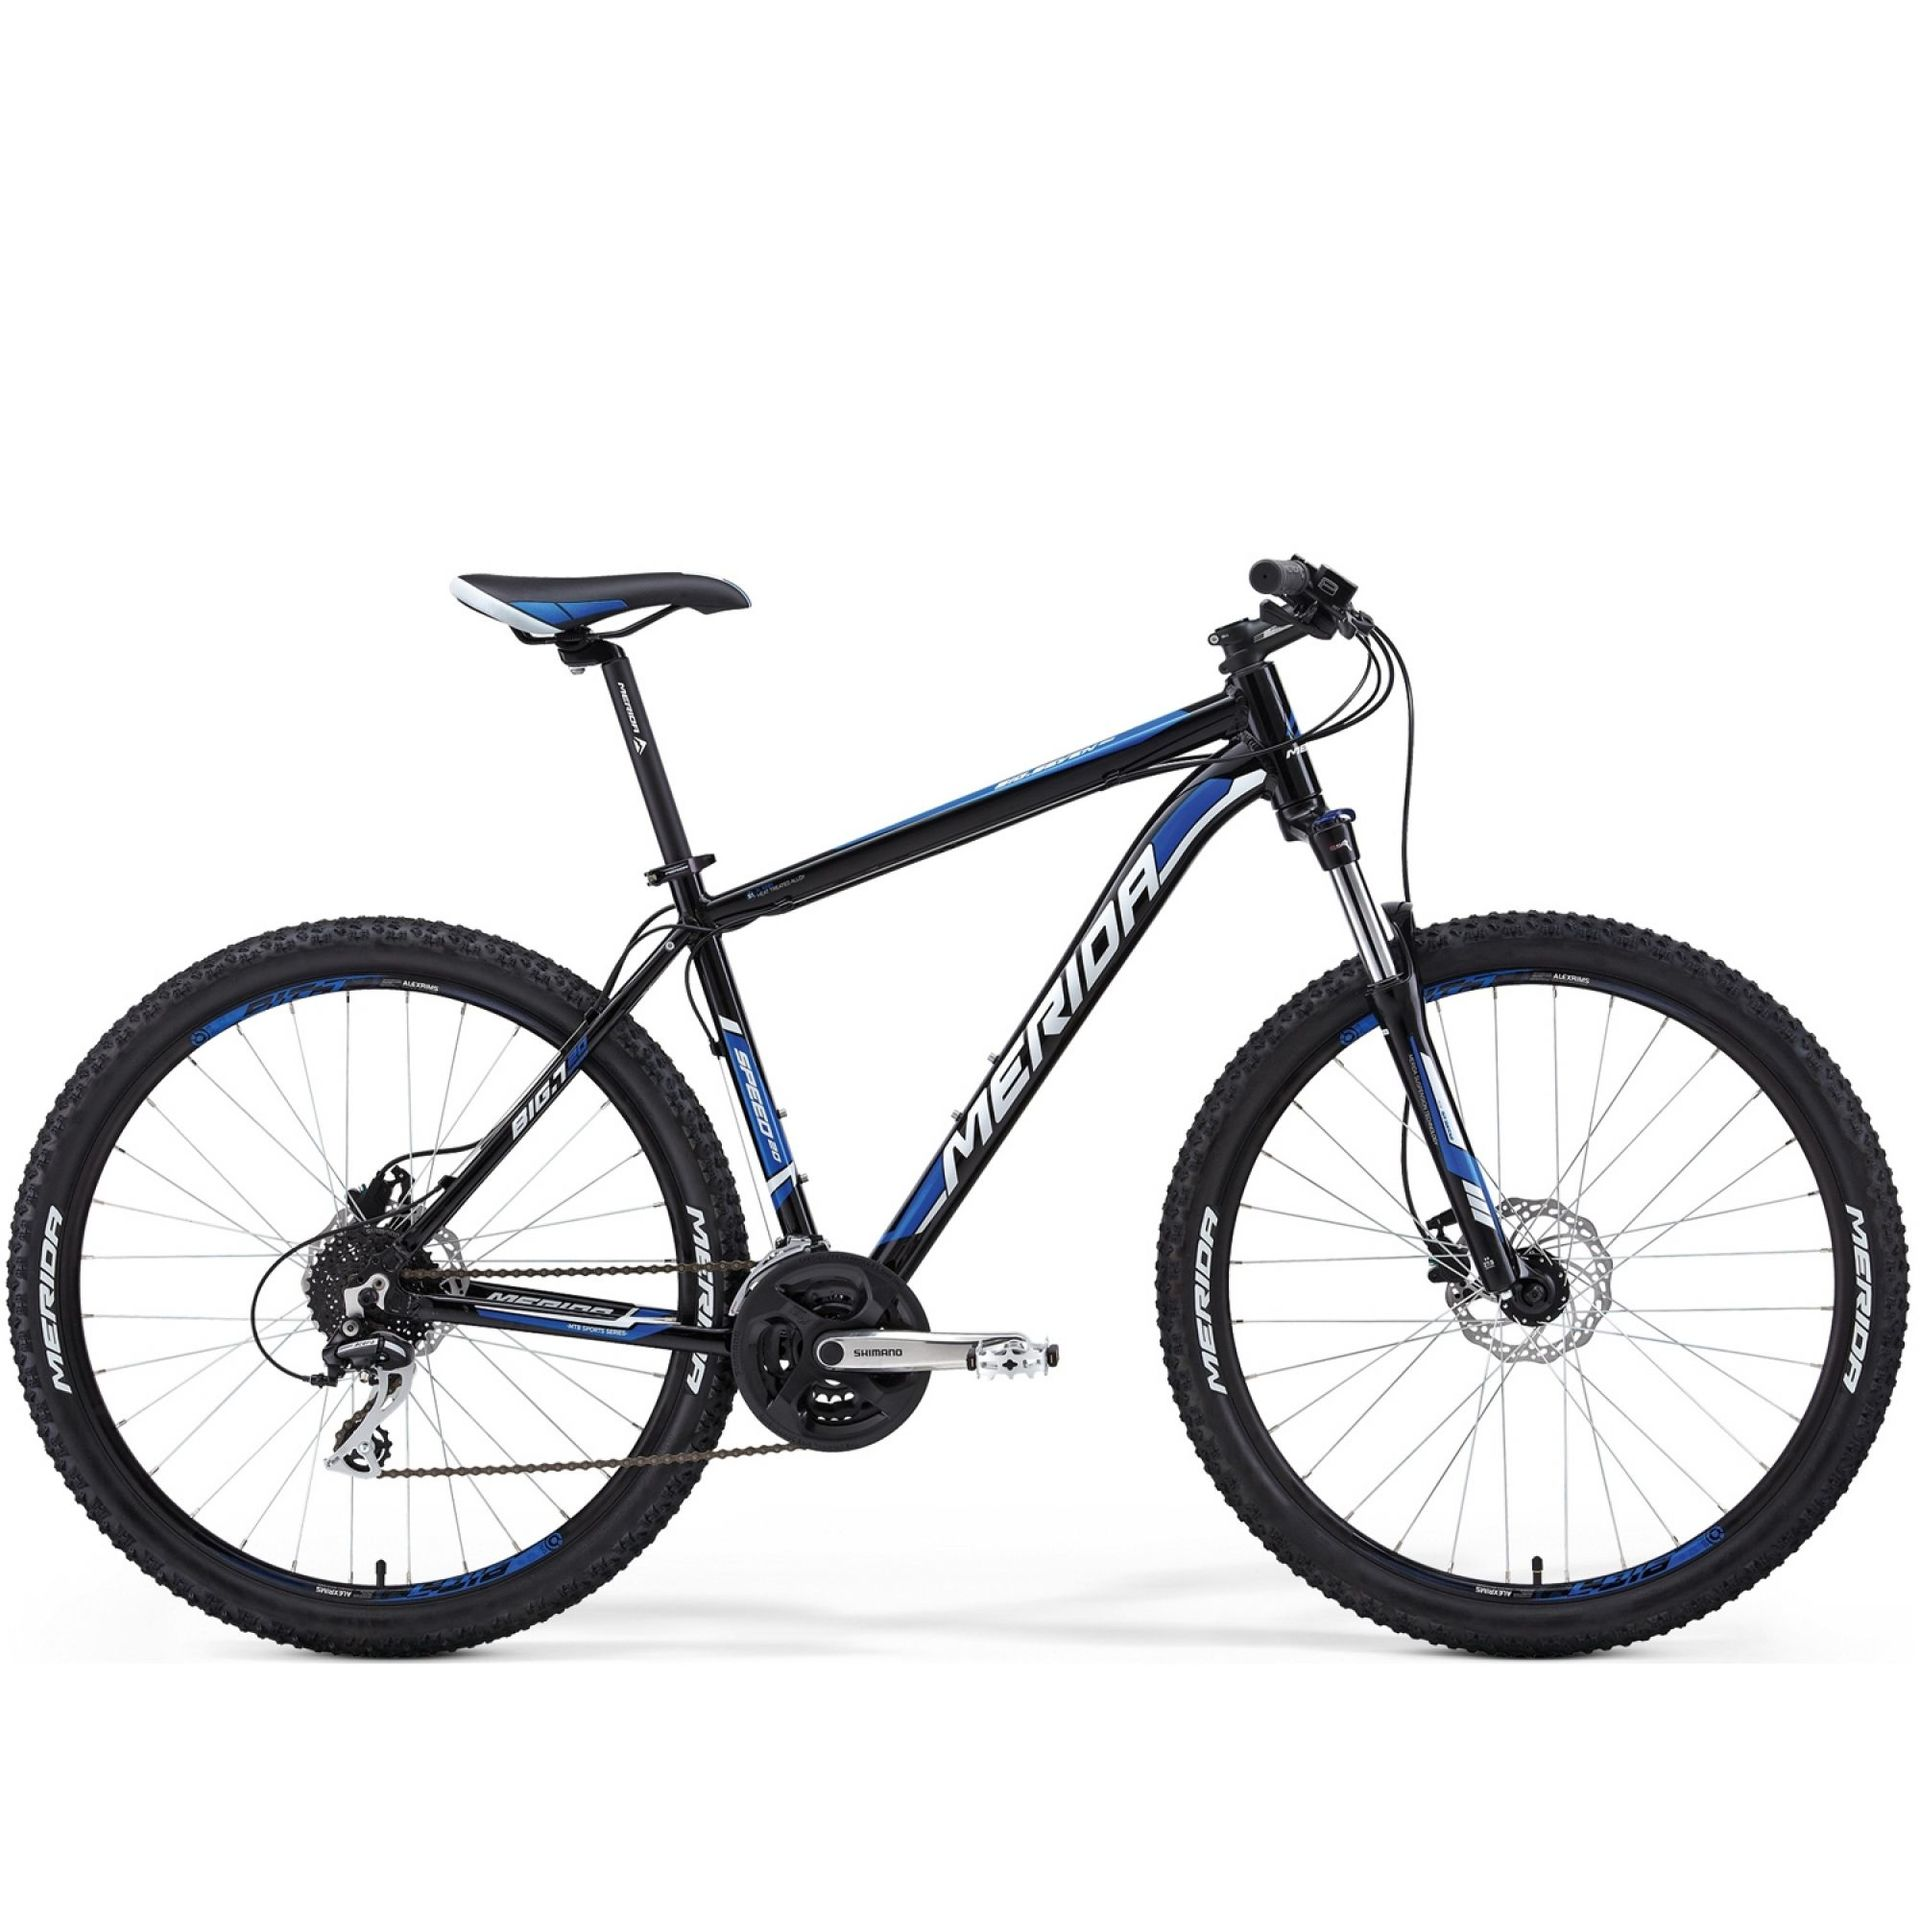 Rower Merida Big 7 20-D czarny niebieski biały